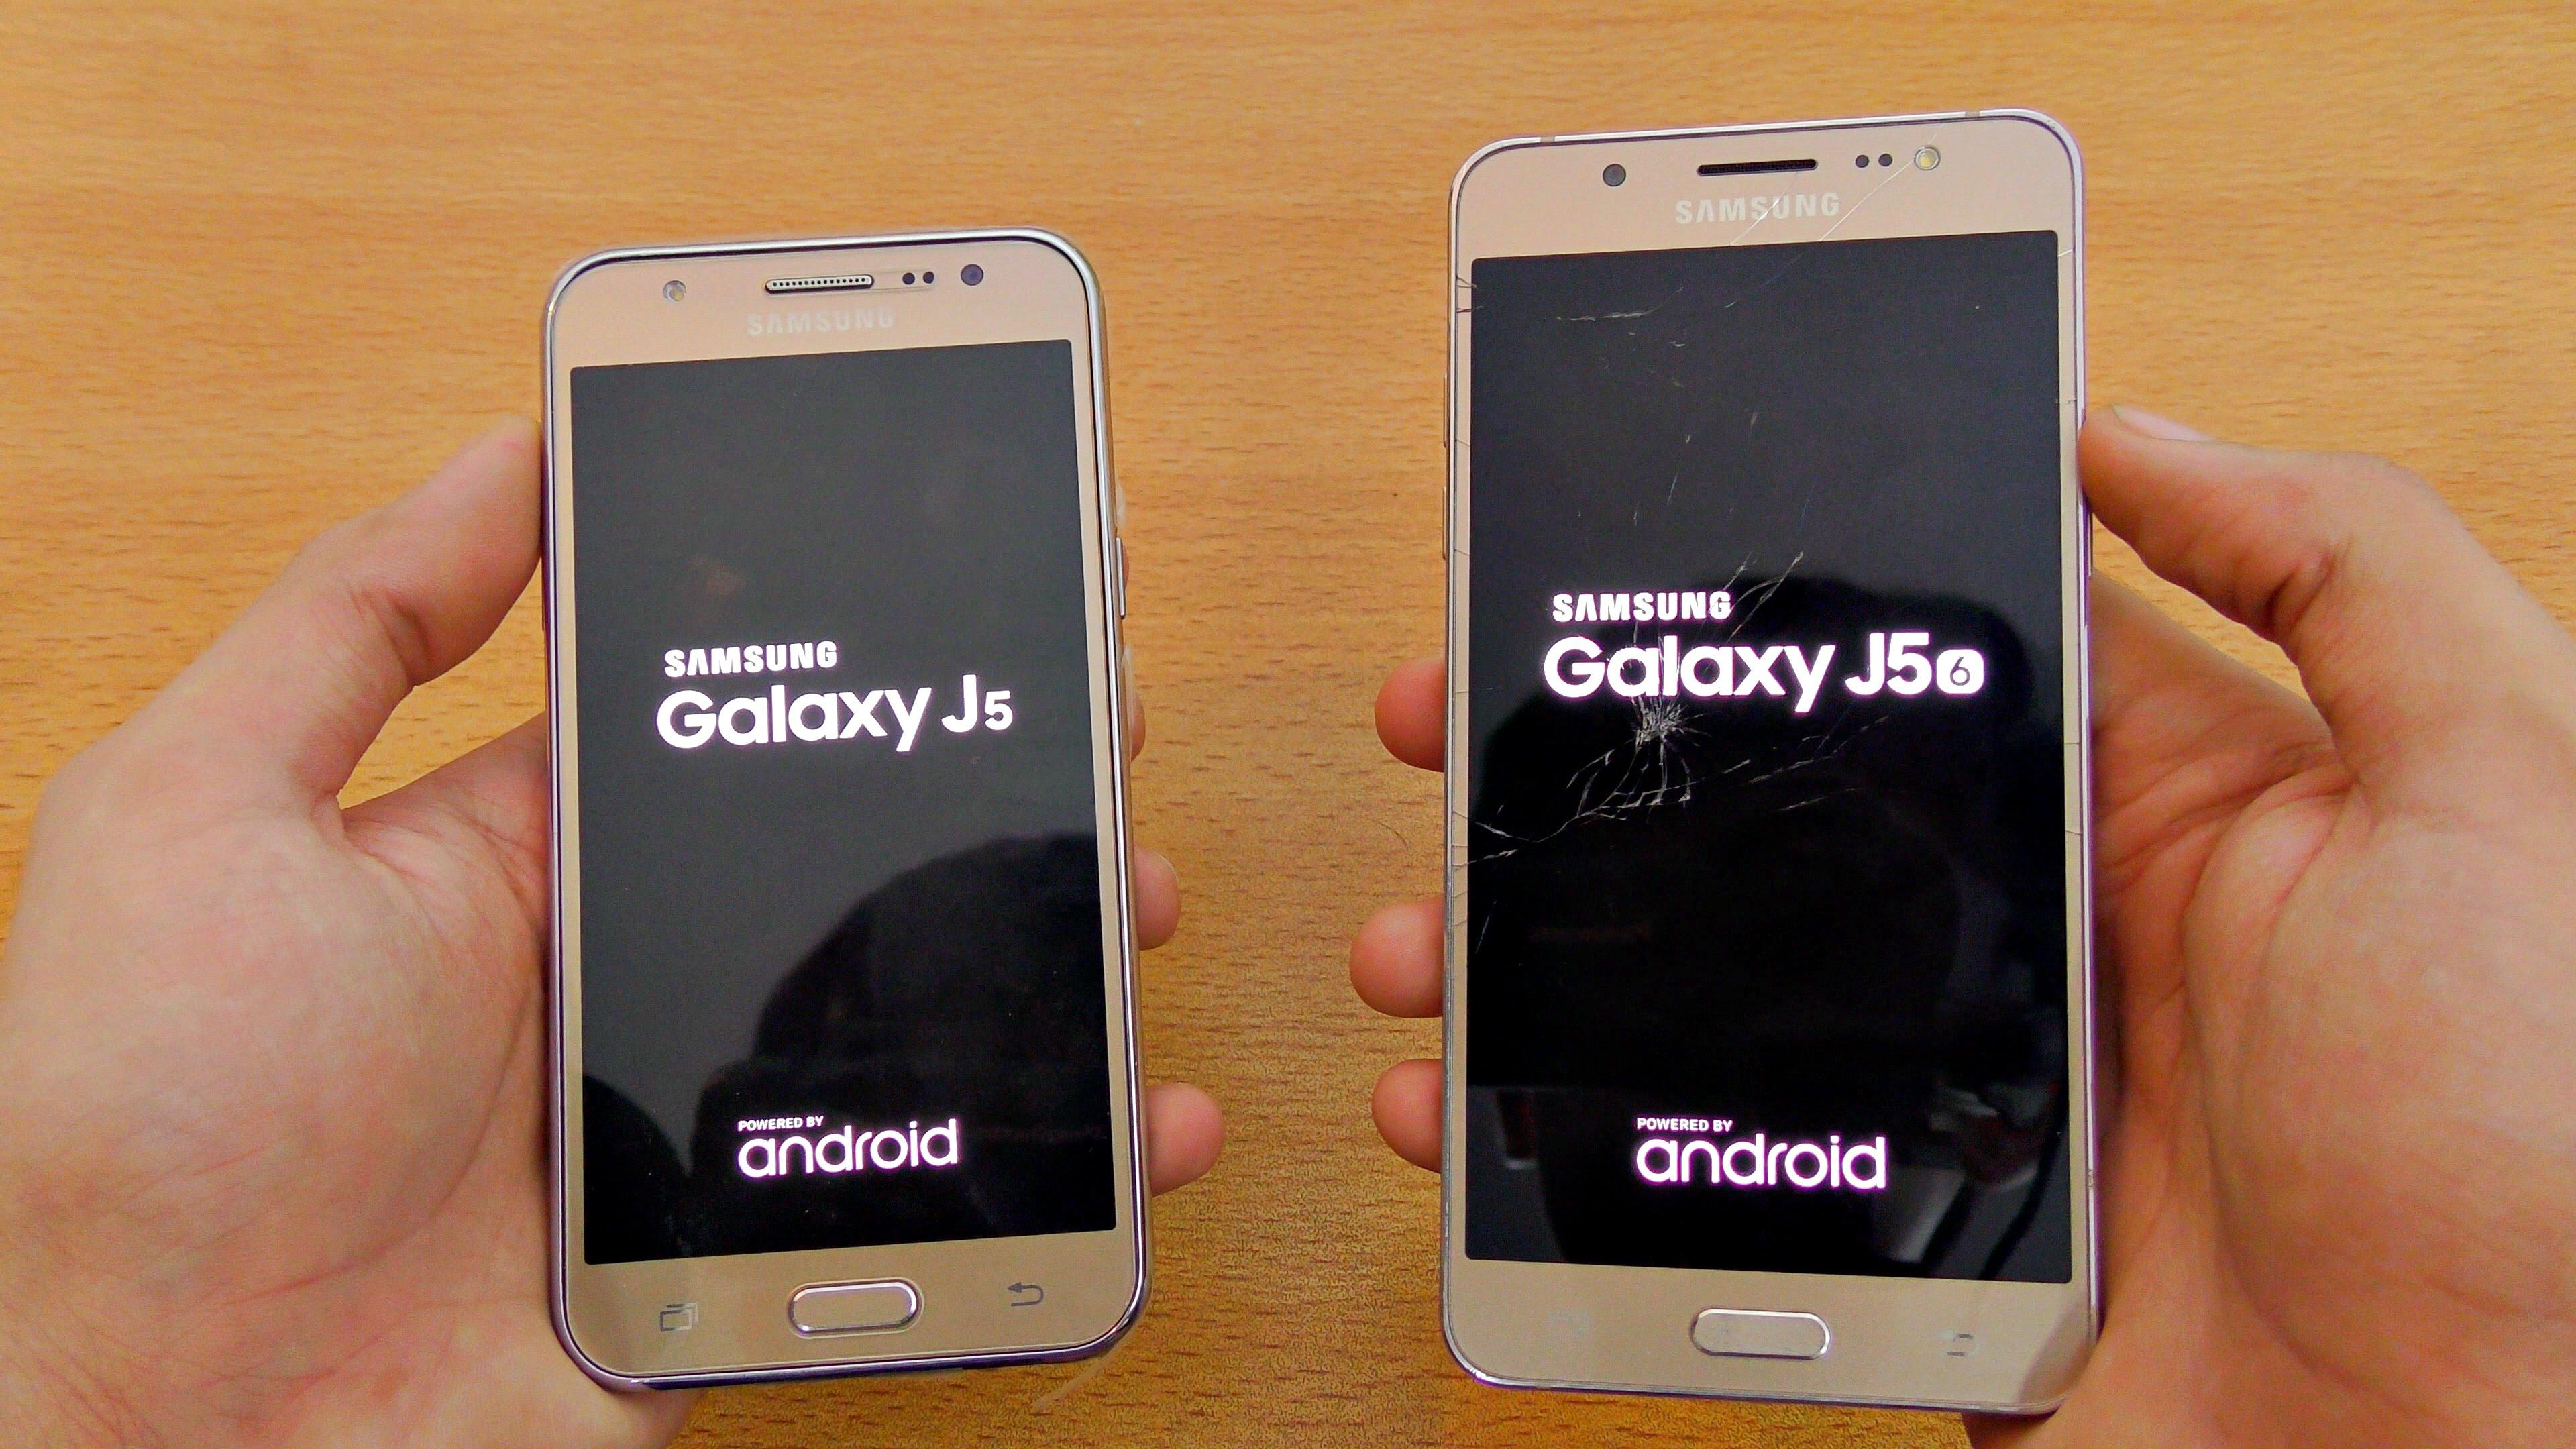 Come liberare spazio su Samsung J3, J5 e J7 facilmente 1